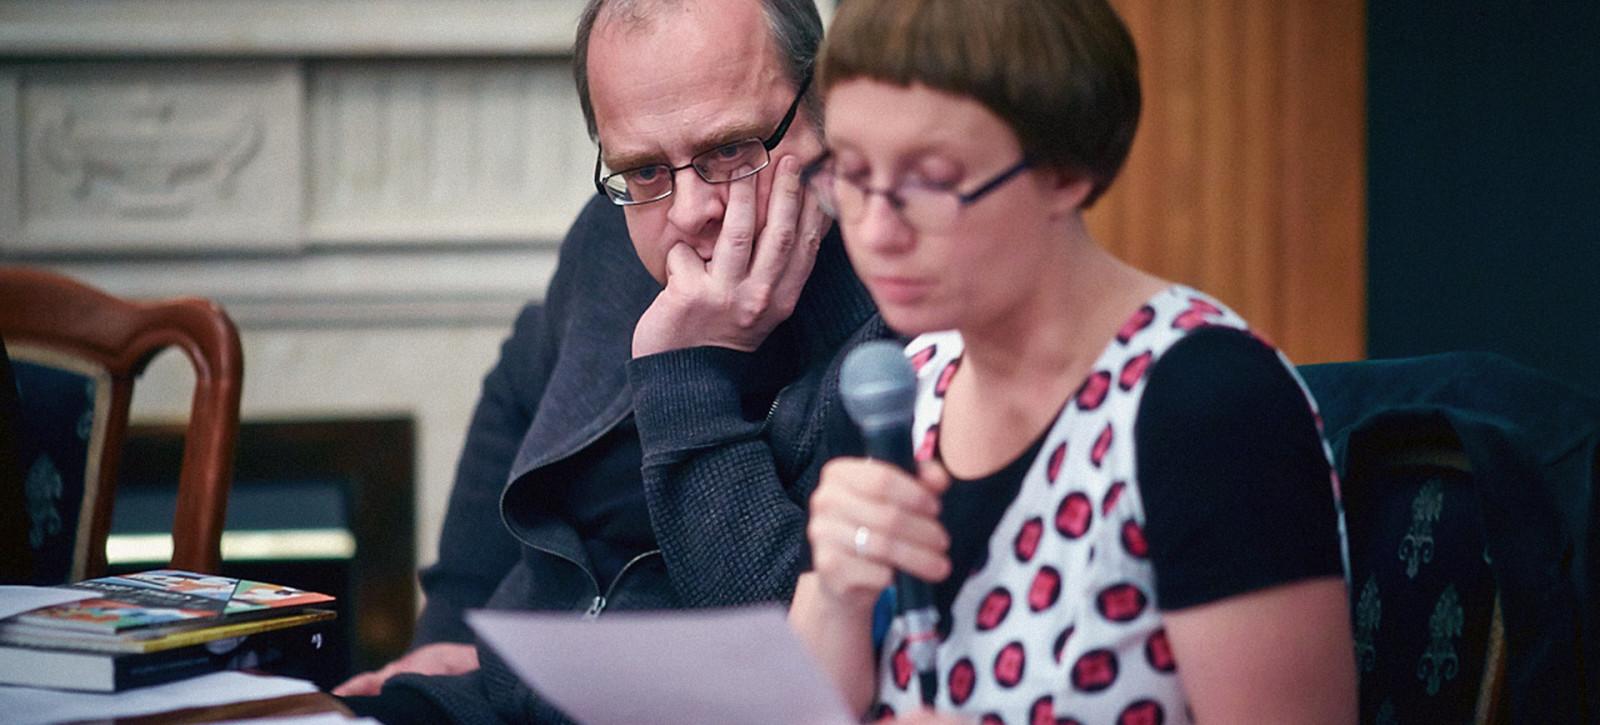 23_ZDJĘCIA__Jerzy JARNIEWICZ, Joanna MUELLERA__Ambasadorzy Poezji w Moskwie marzec 2014